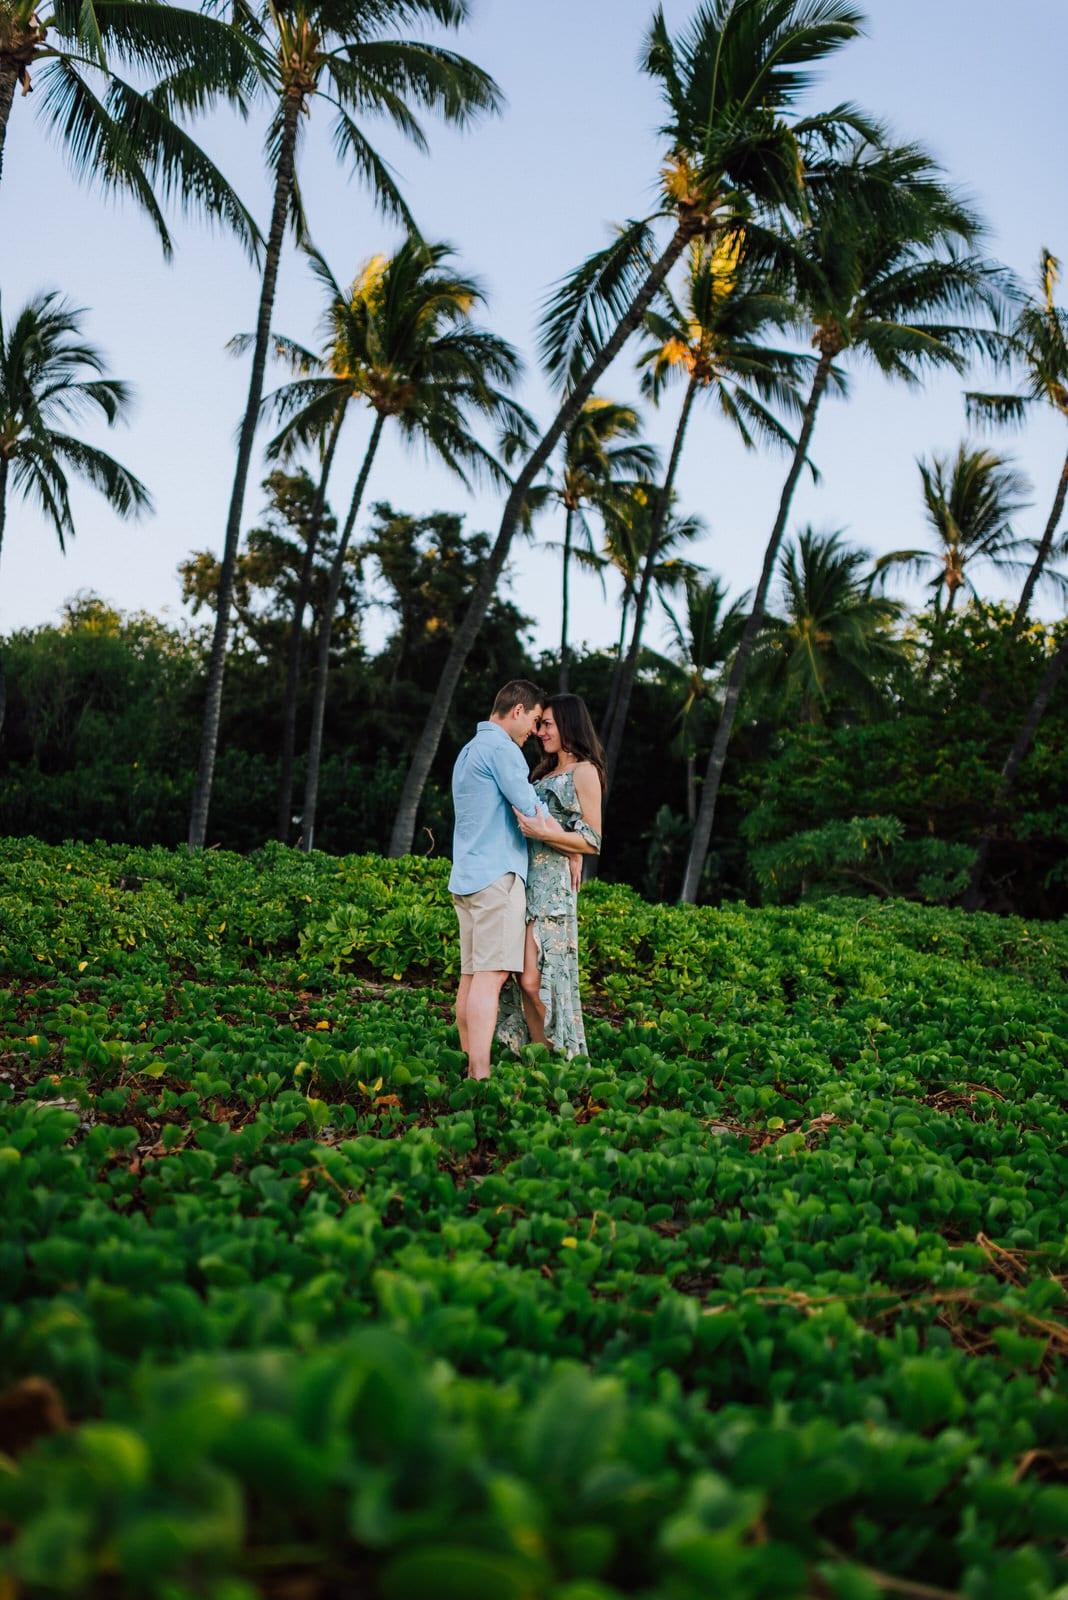 beach-family-photos-sunrise-hawaii-photographers-9.jpg